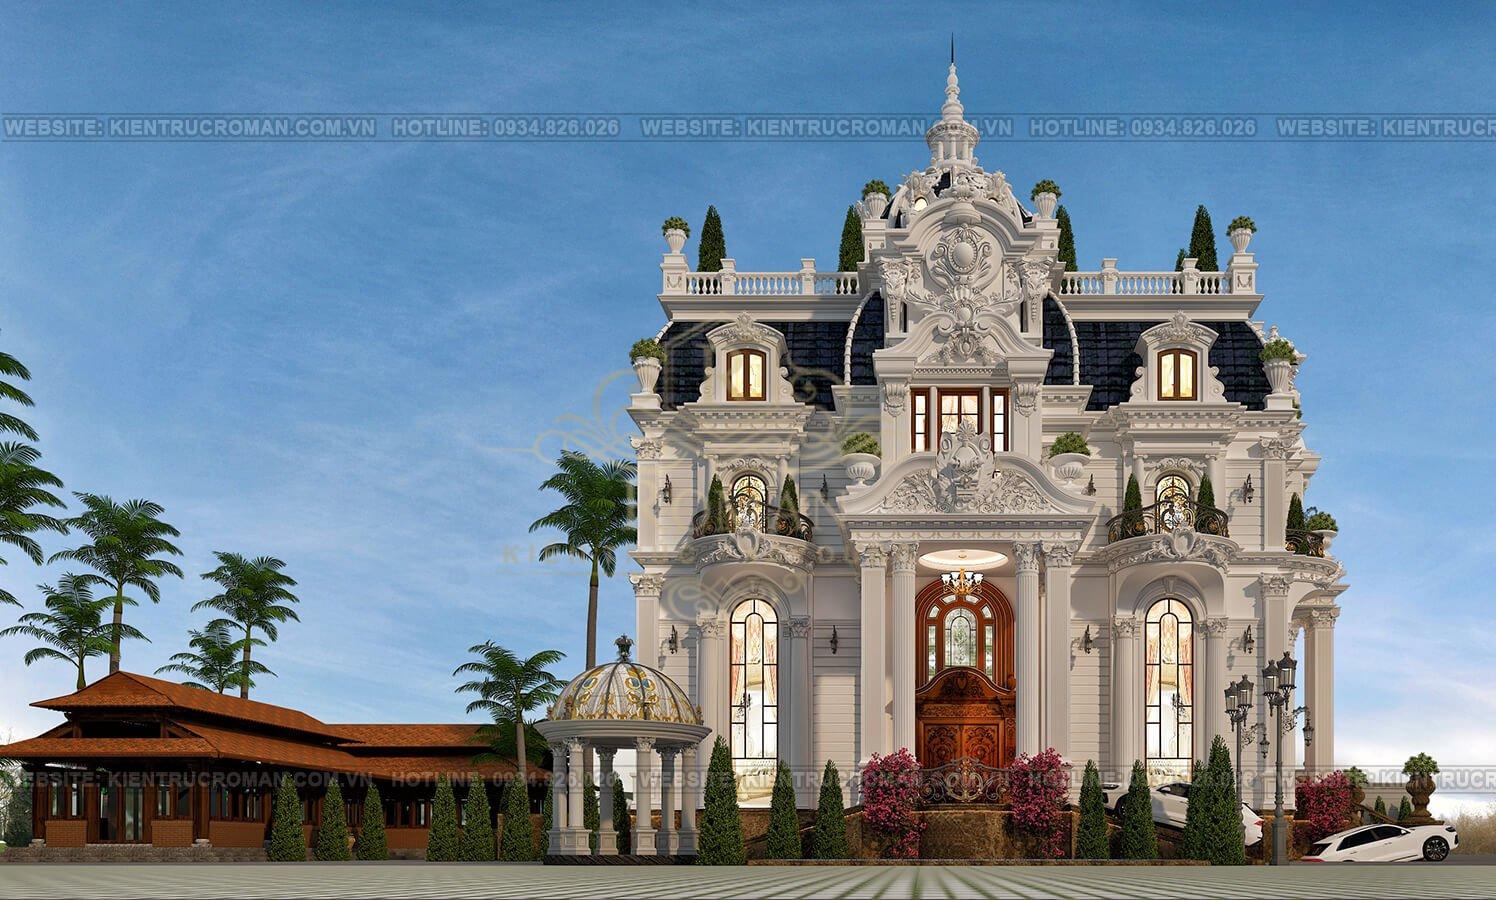 thiết kế biệt thự lâu đài pháp phối cảnh